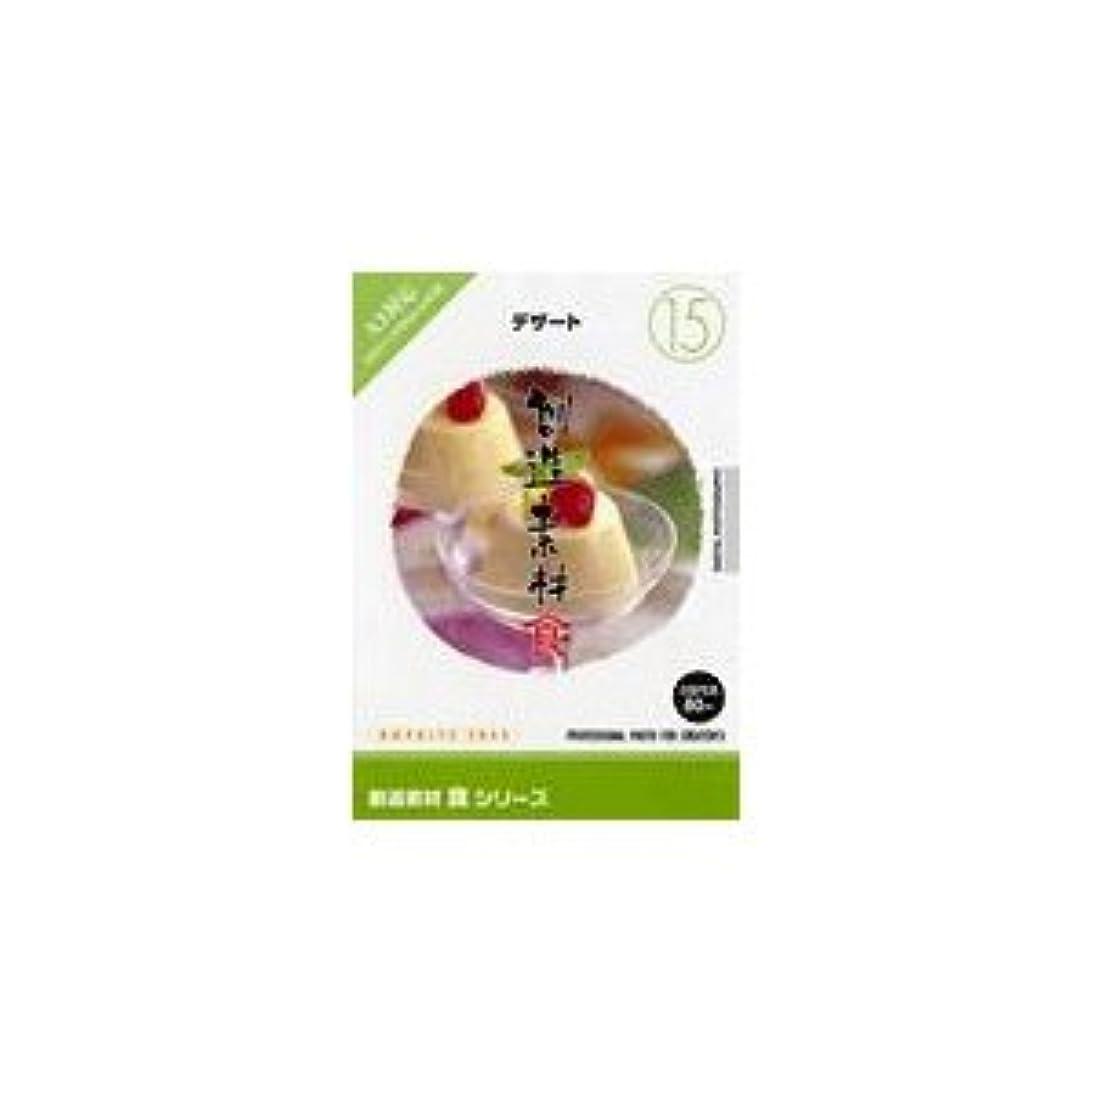 スカルクまぶしさ飲料写真素材 創造素材 食シリーズ (15) デザート